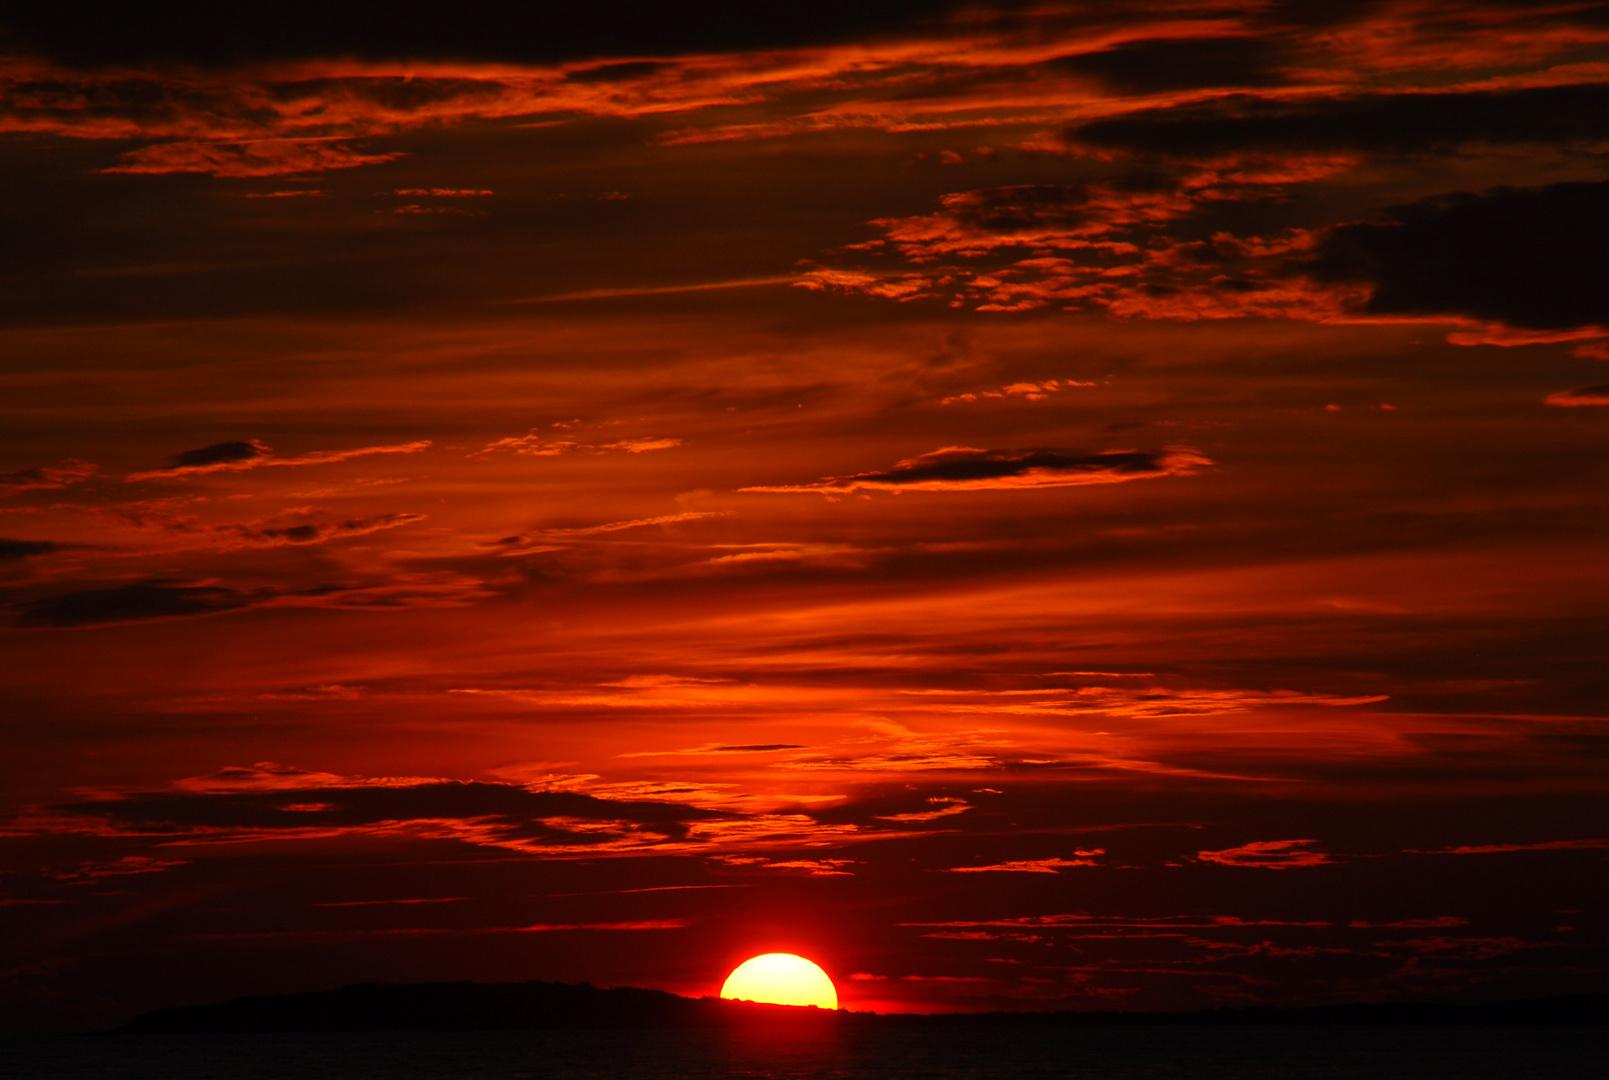 Sonnenuntergang Insel Losinj immer die gleiche Stelle